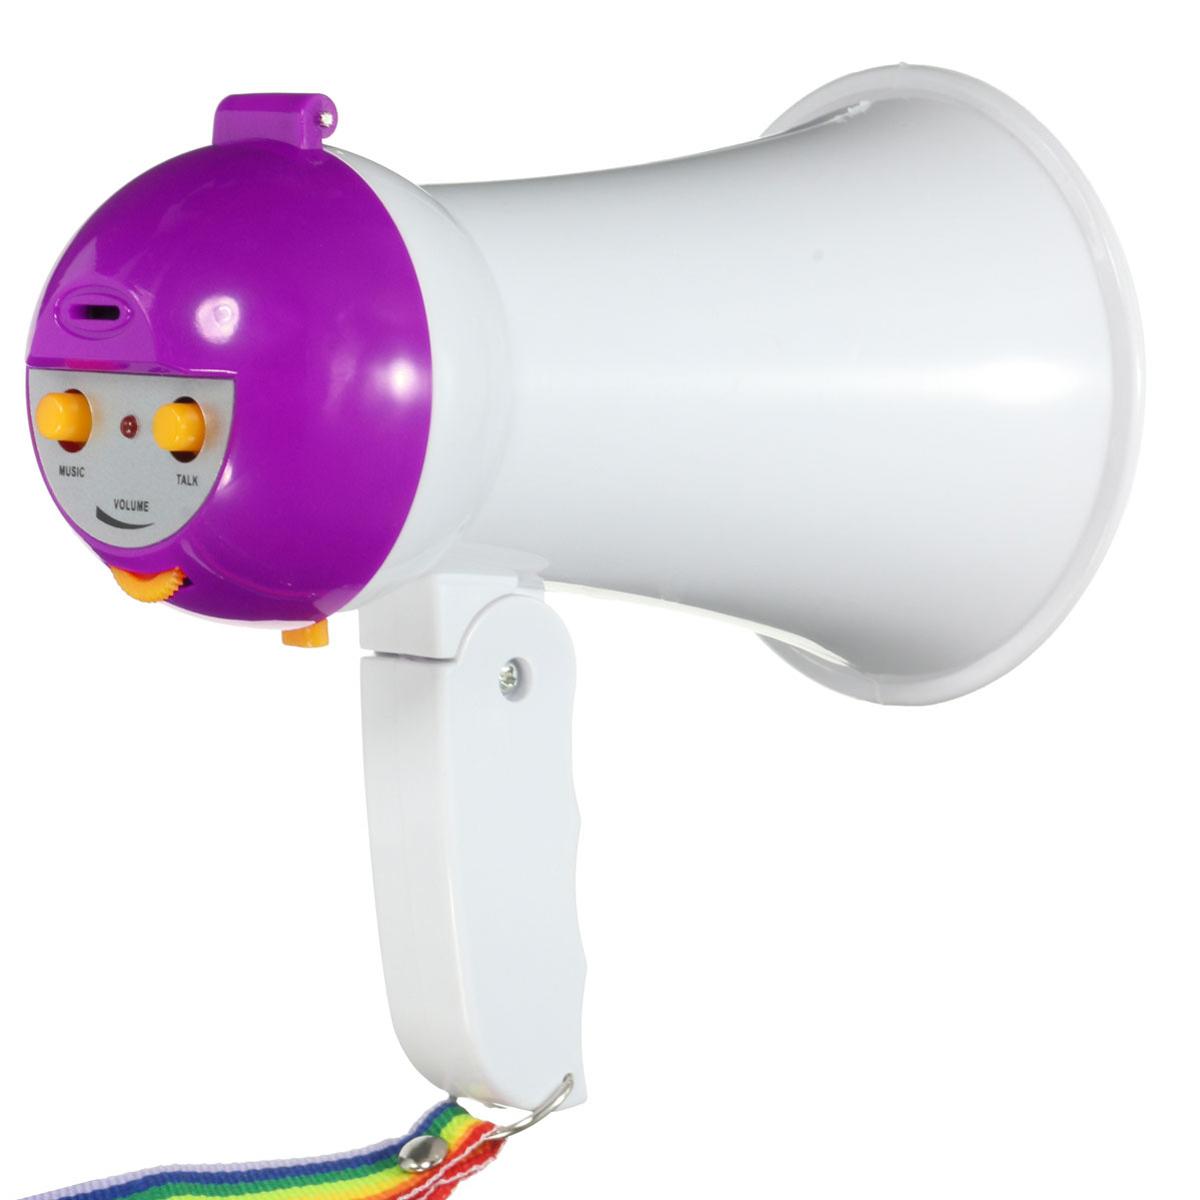 ... Genggam Portabel Megafon Lipat 5 Watt Pengeras Suara Pengeras - Internasional ...